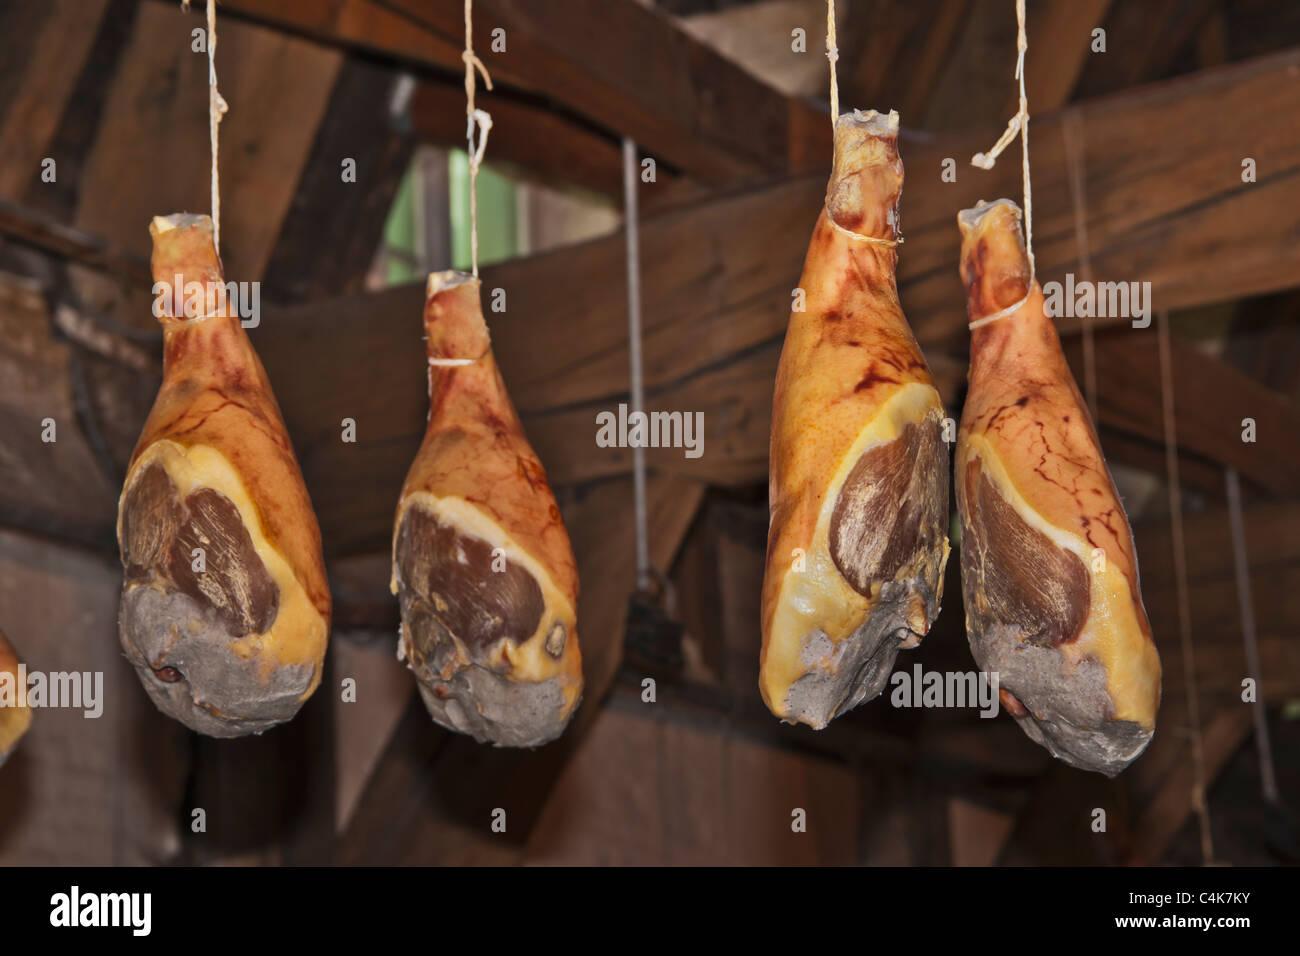 Räucherschinken hängen an der Decke einer Räucherei | Smoked ham hanging from the ceiling of a smokehouse Stock Photo